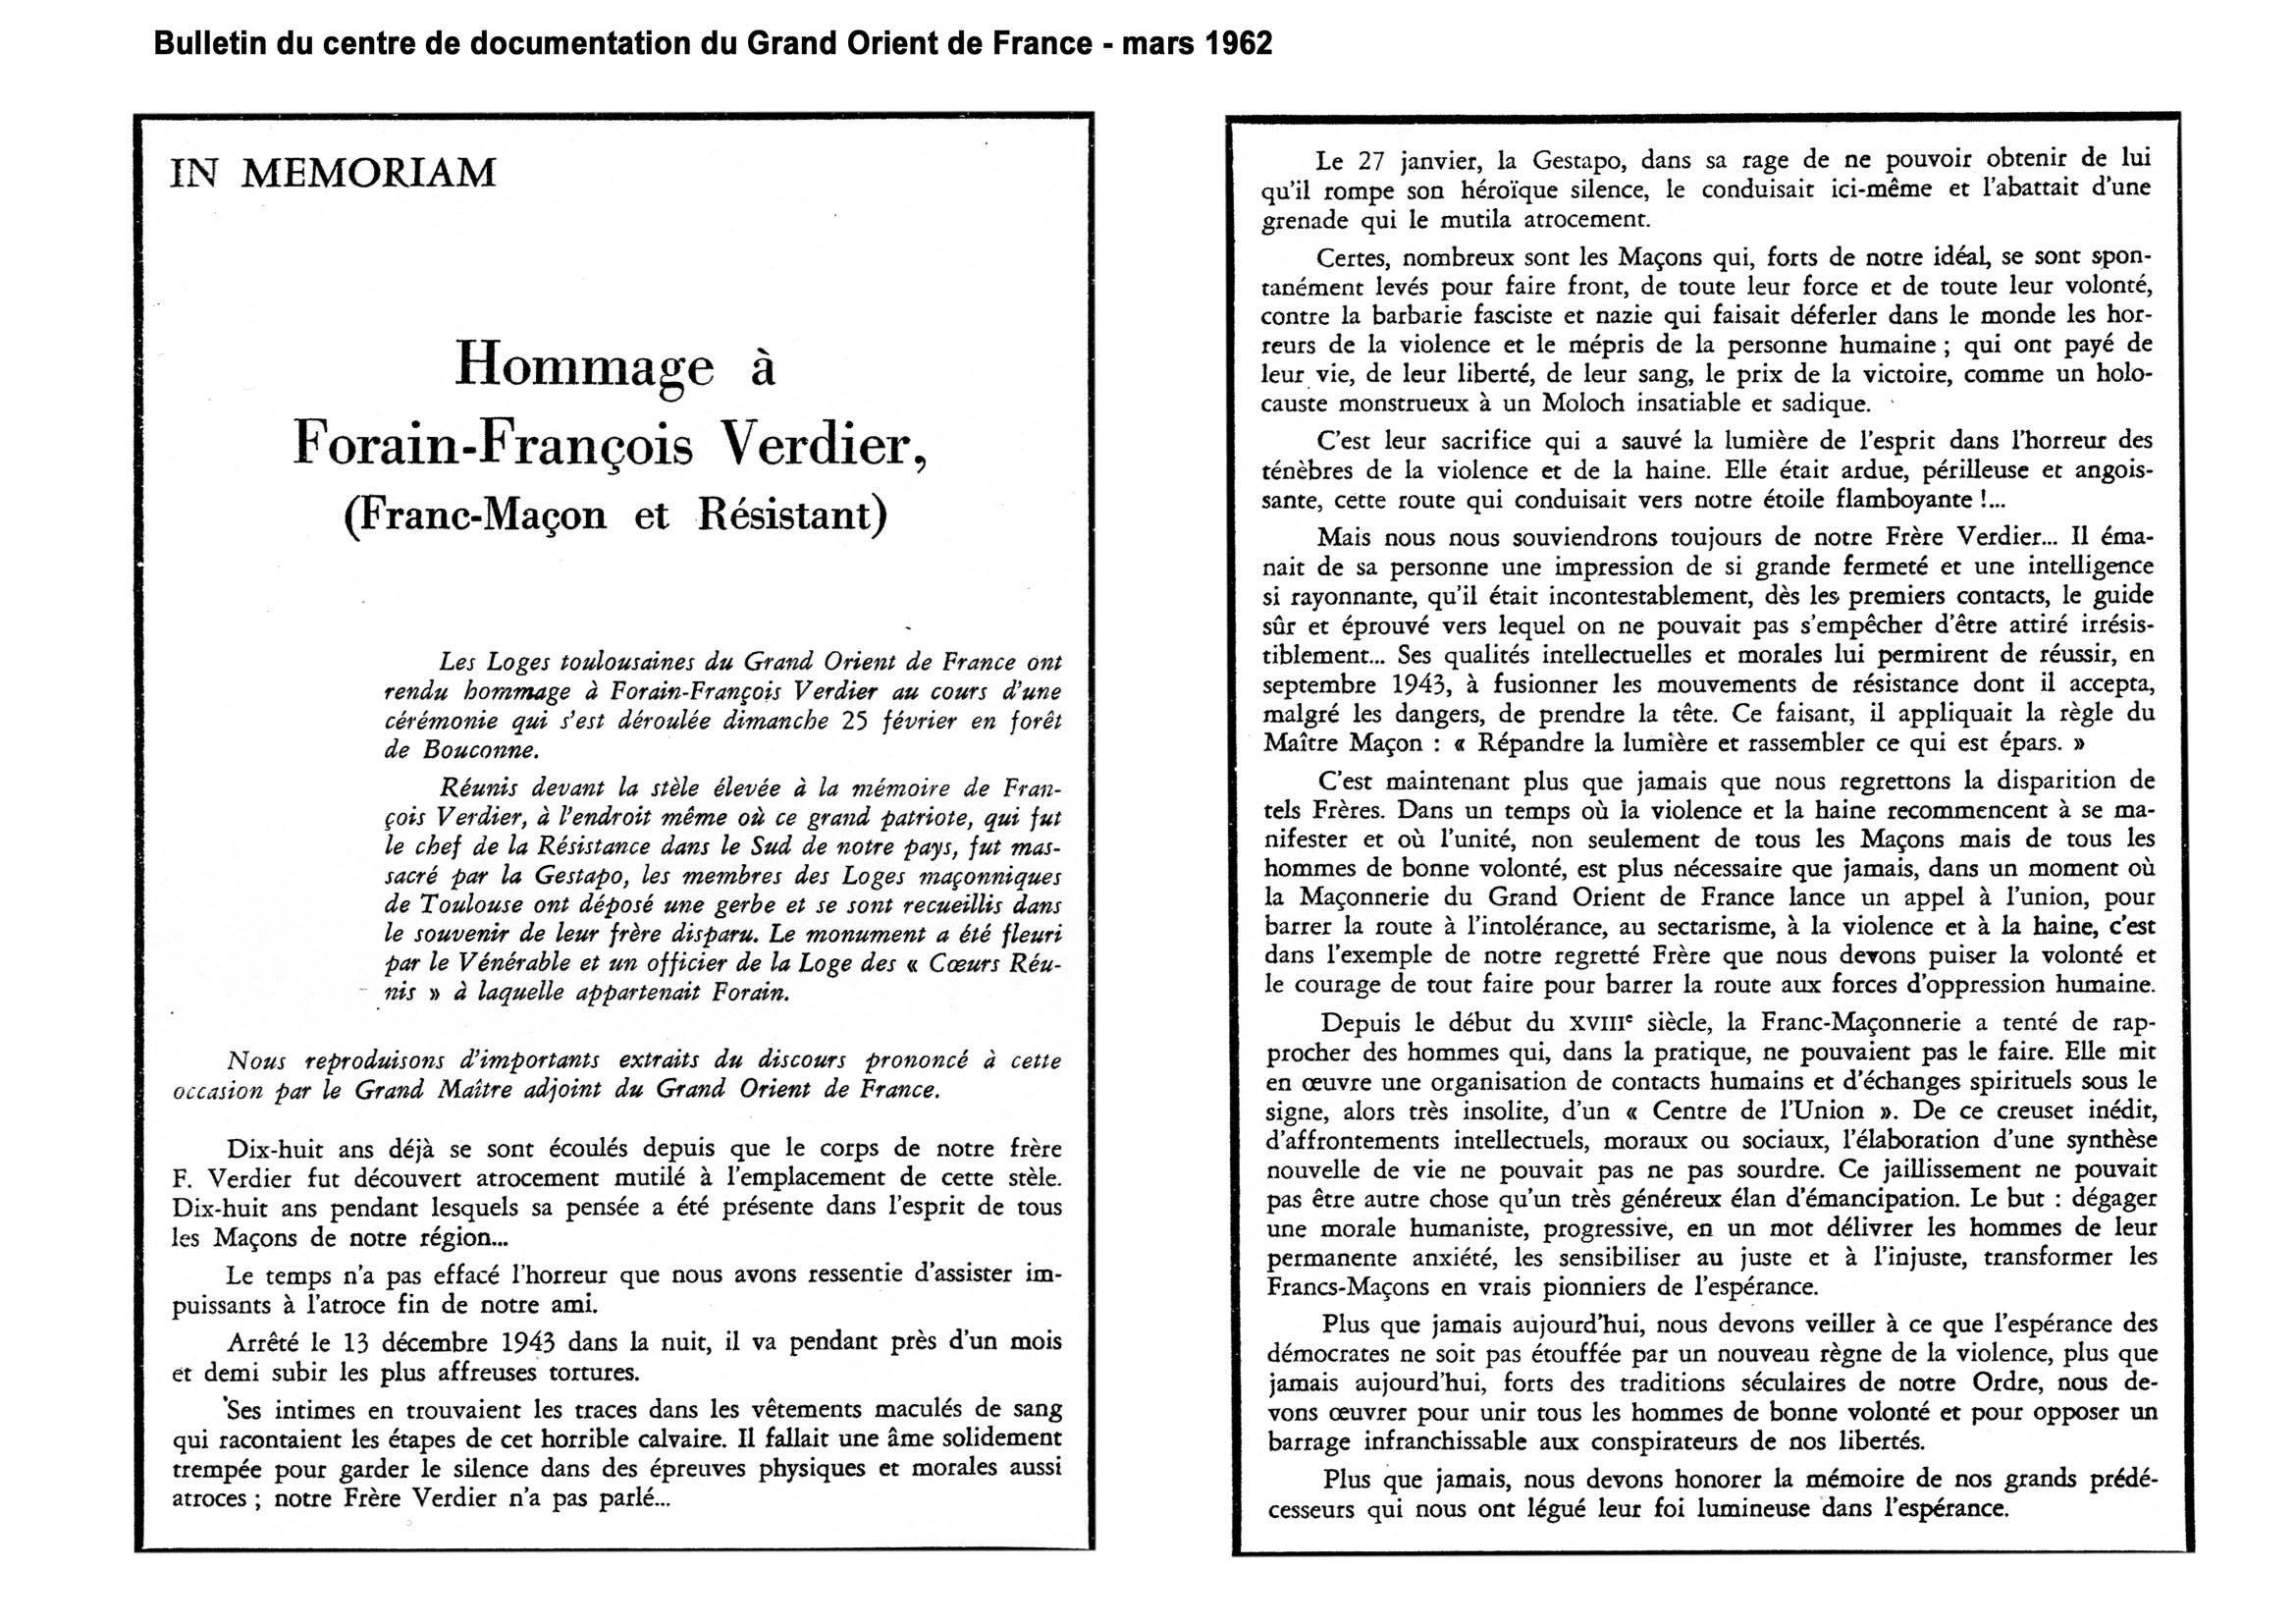 1962 extrait de Discours du GOF